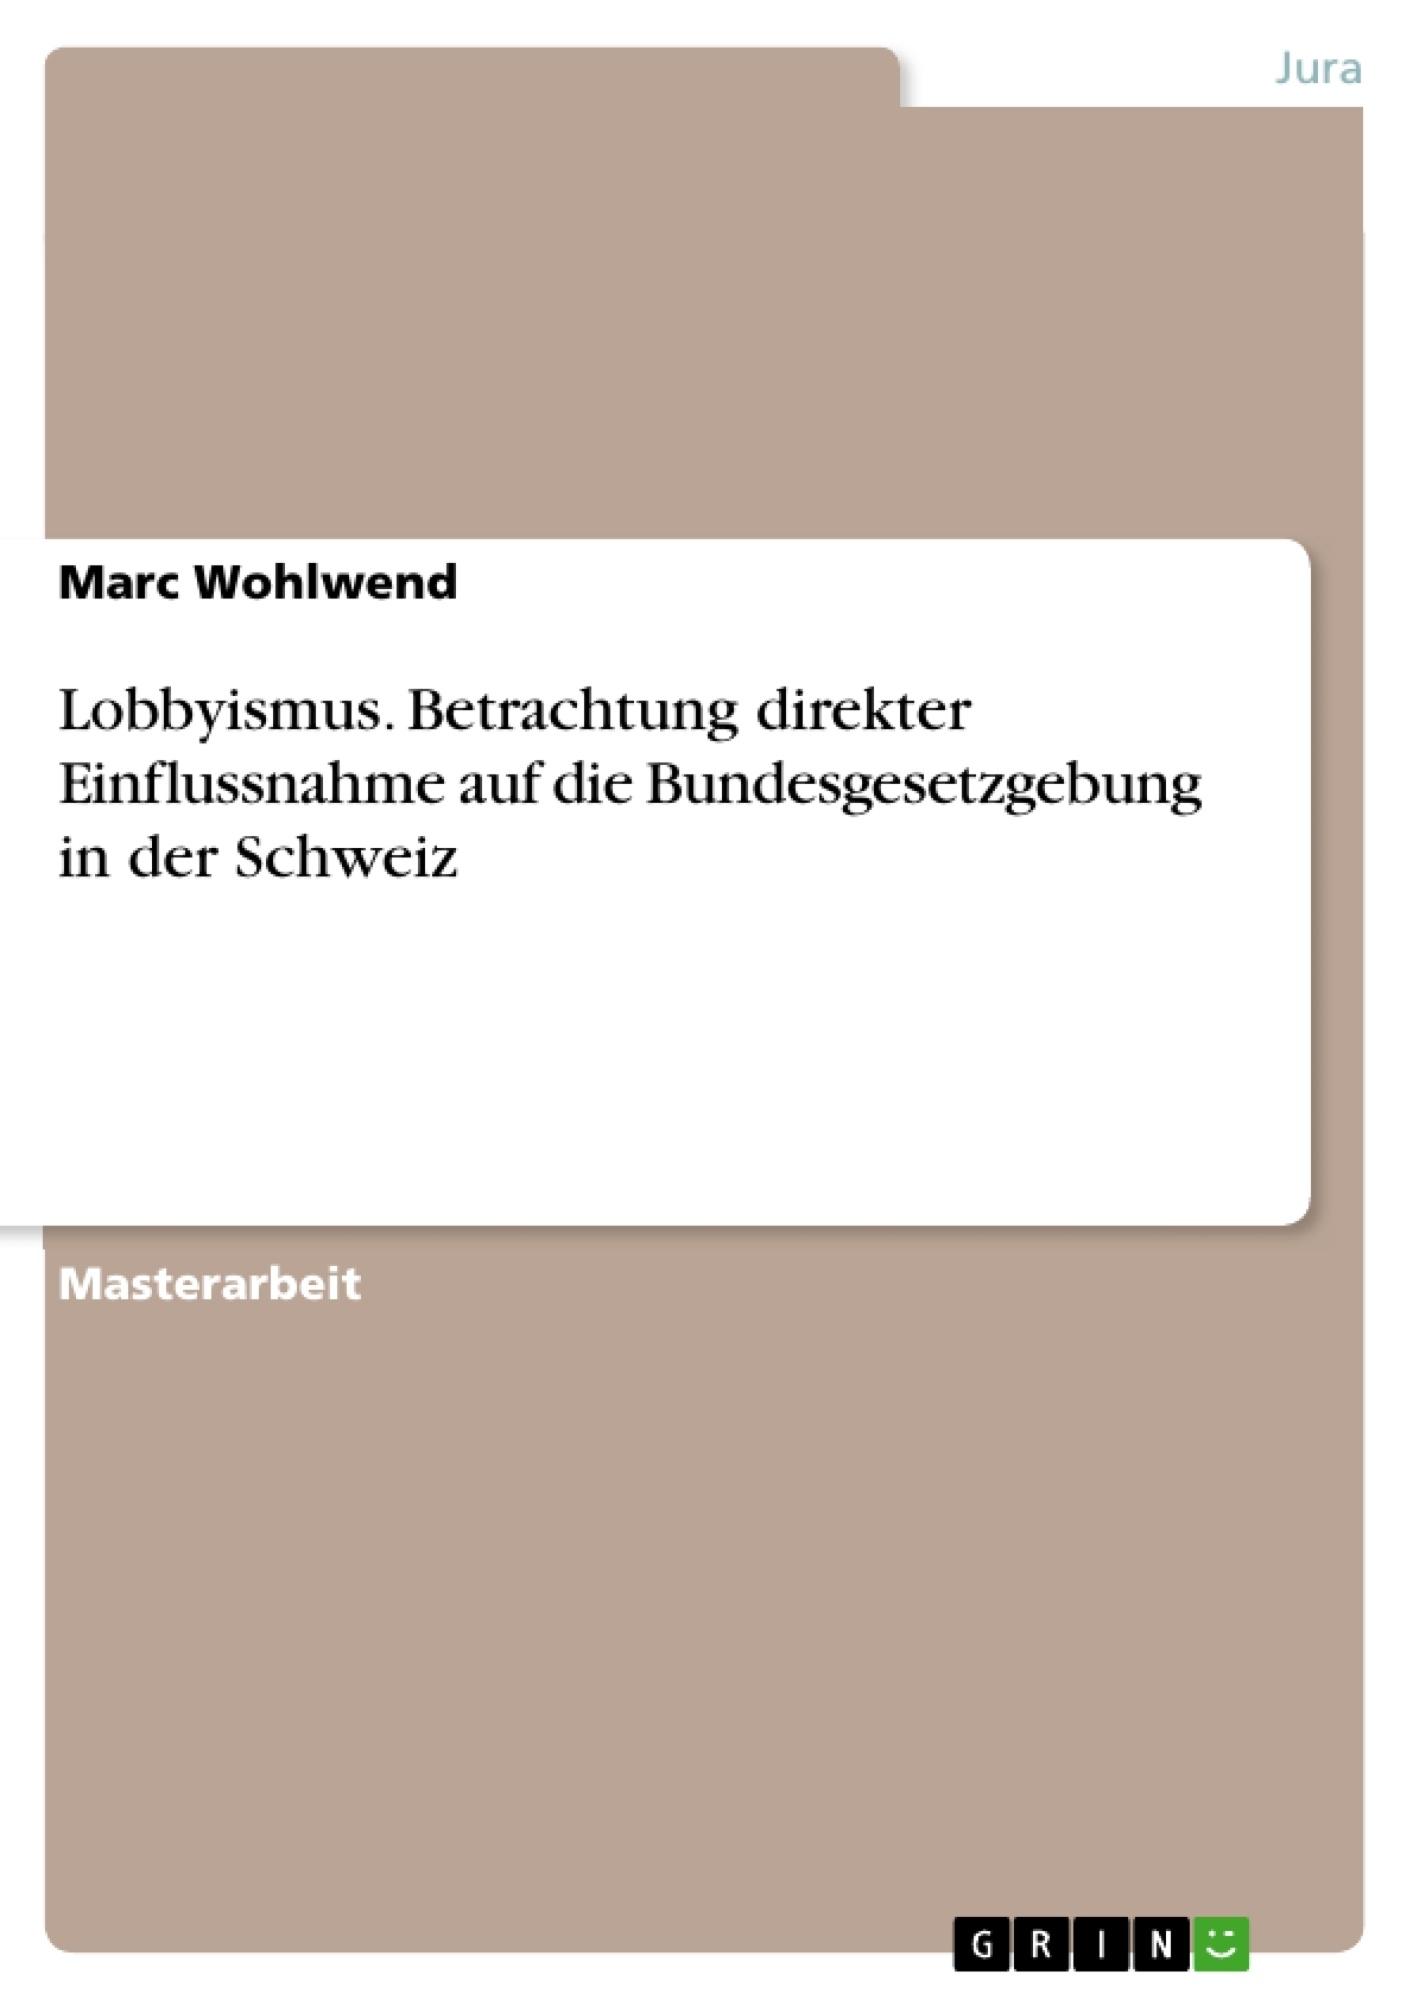 Titel: Lobbyismus. Betrachtung direkter Einflussnahme auf die Bundesgesetzgebung in der Schweiz